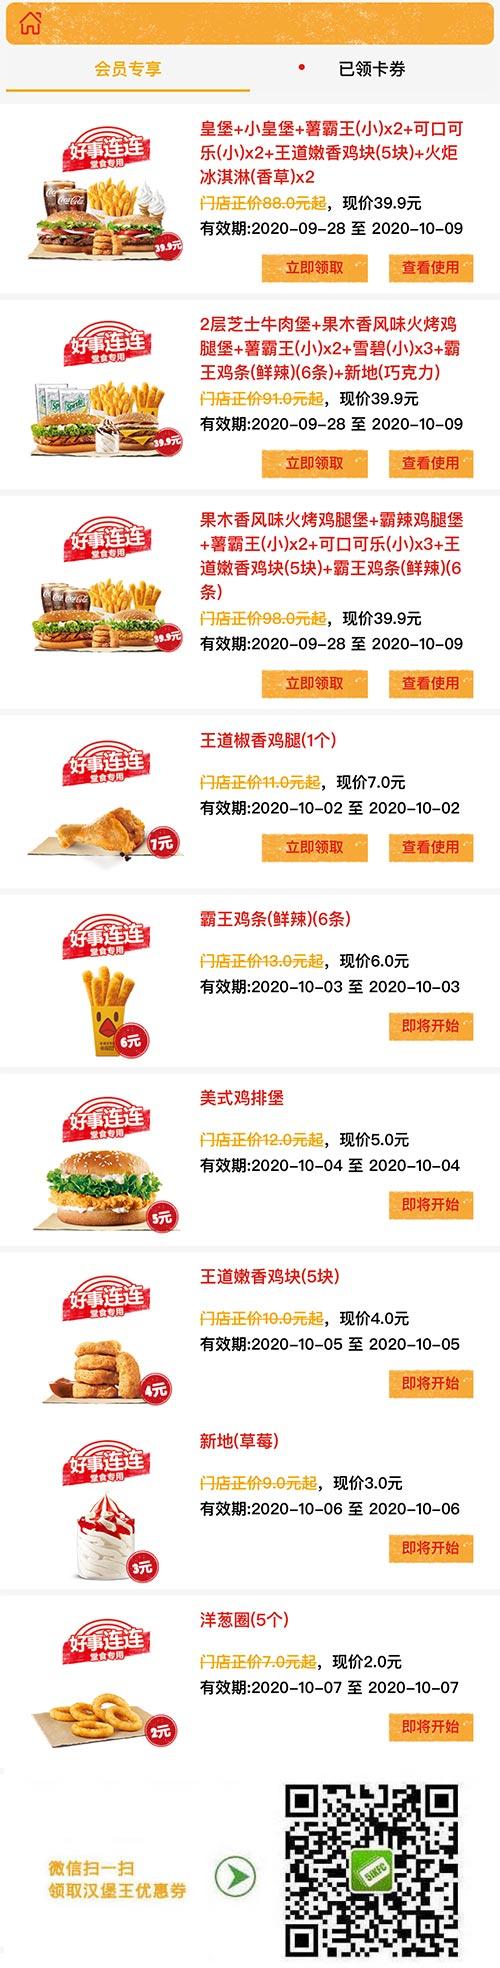 汉堡王电子优惠券2020年10月领取,好事连连套餐优惠价39.9元 有效期至:2020年10月31日 www.5ikfc.com